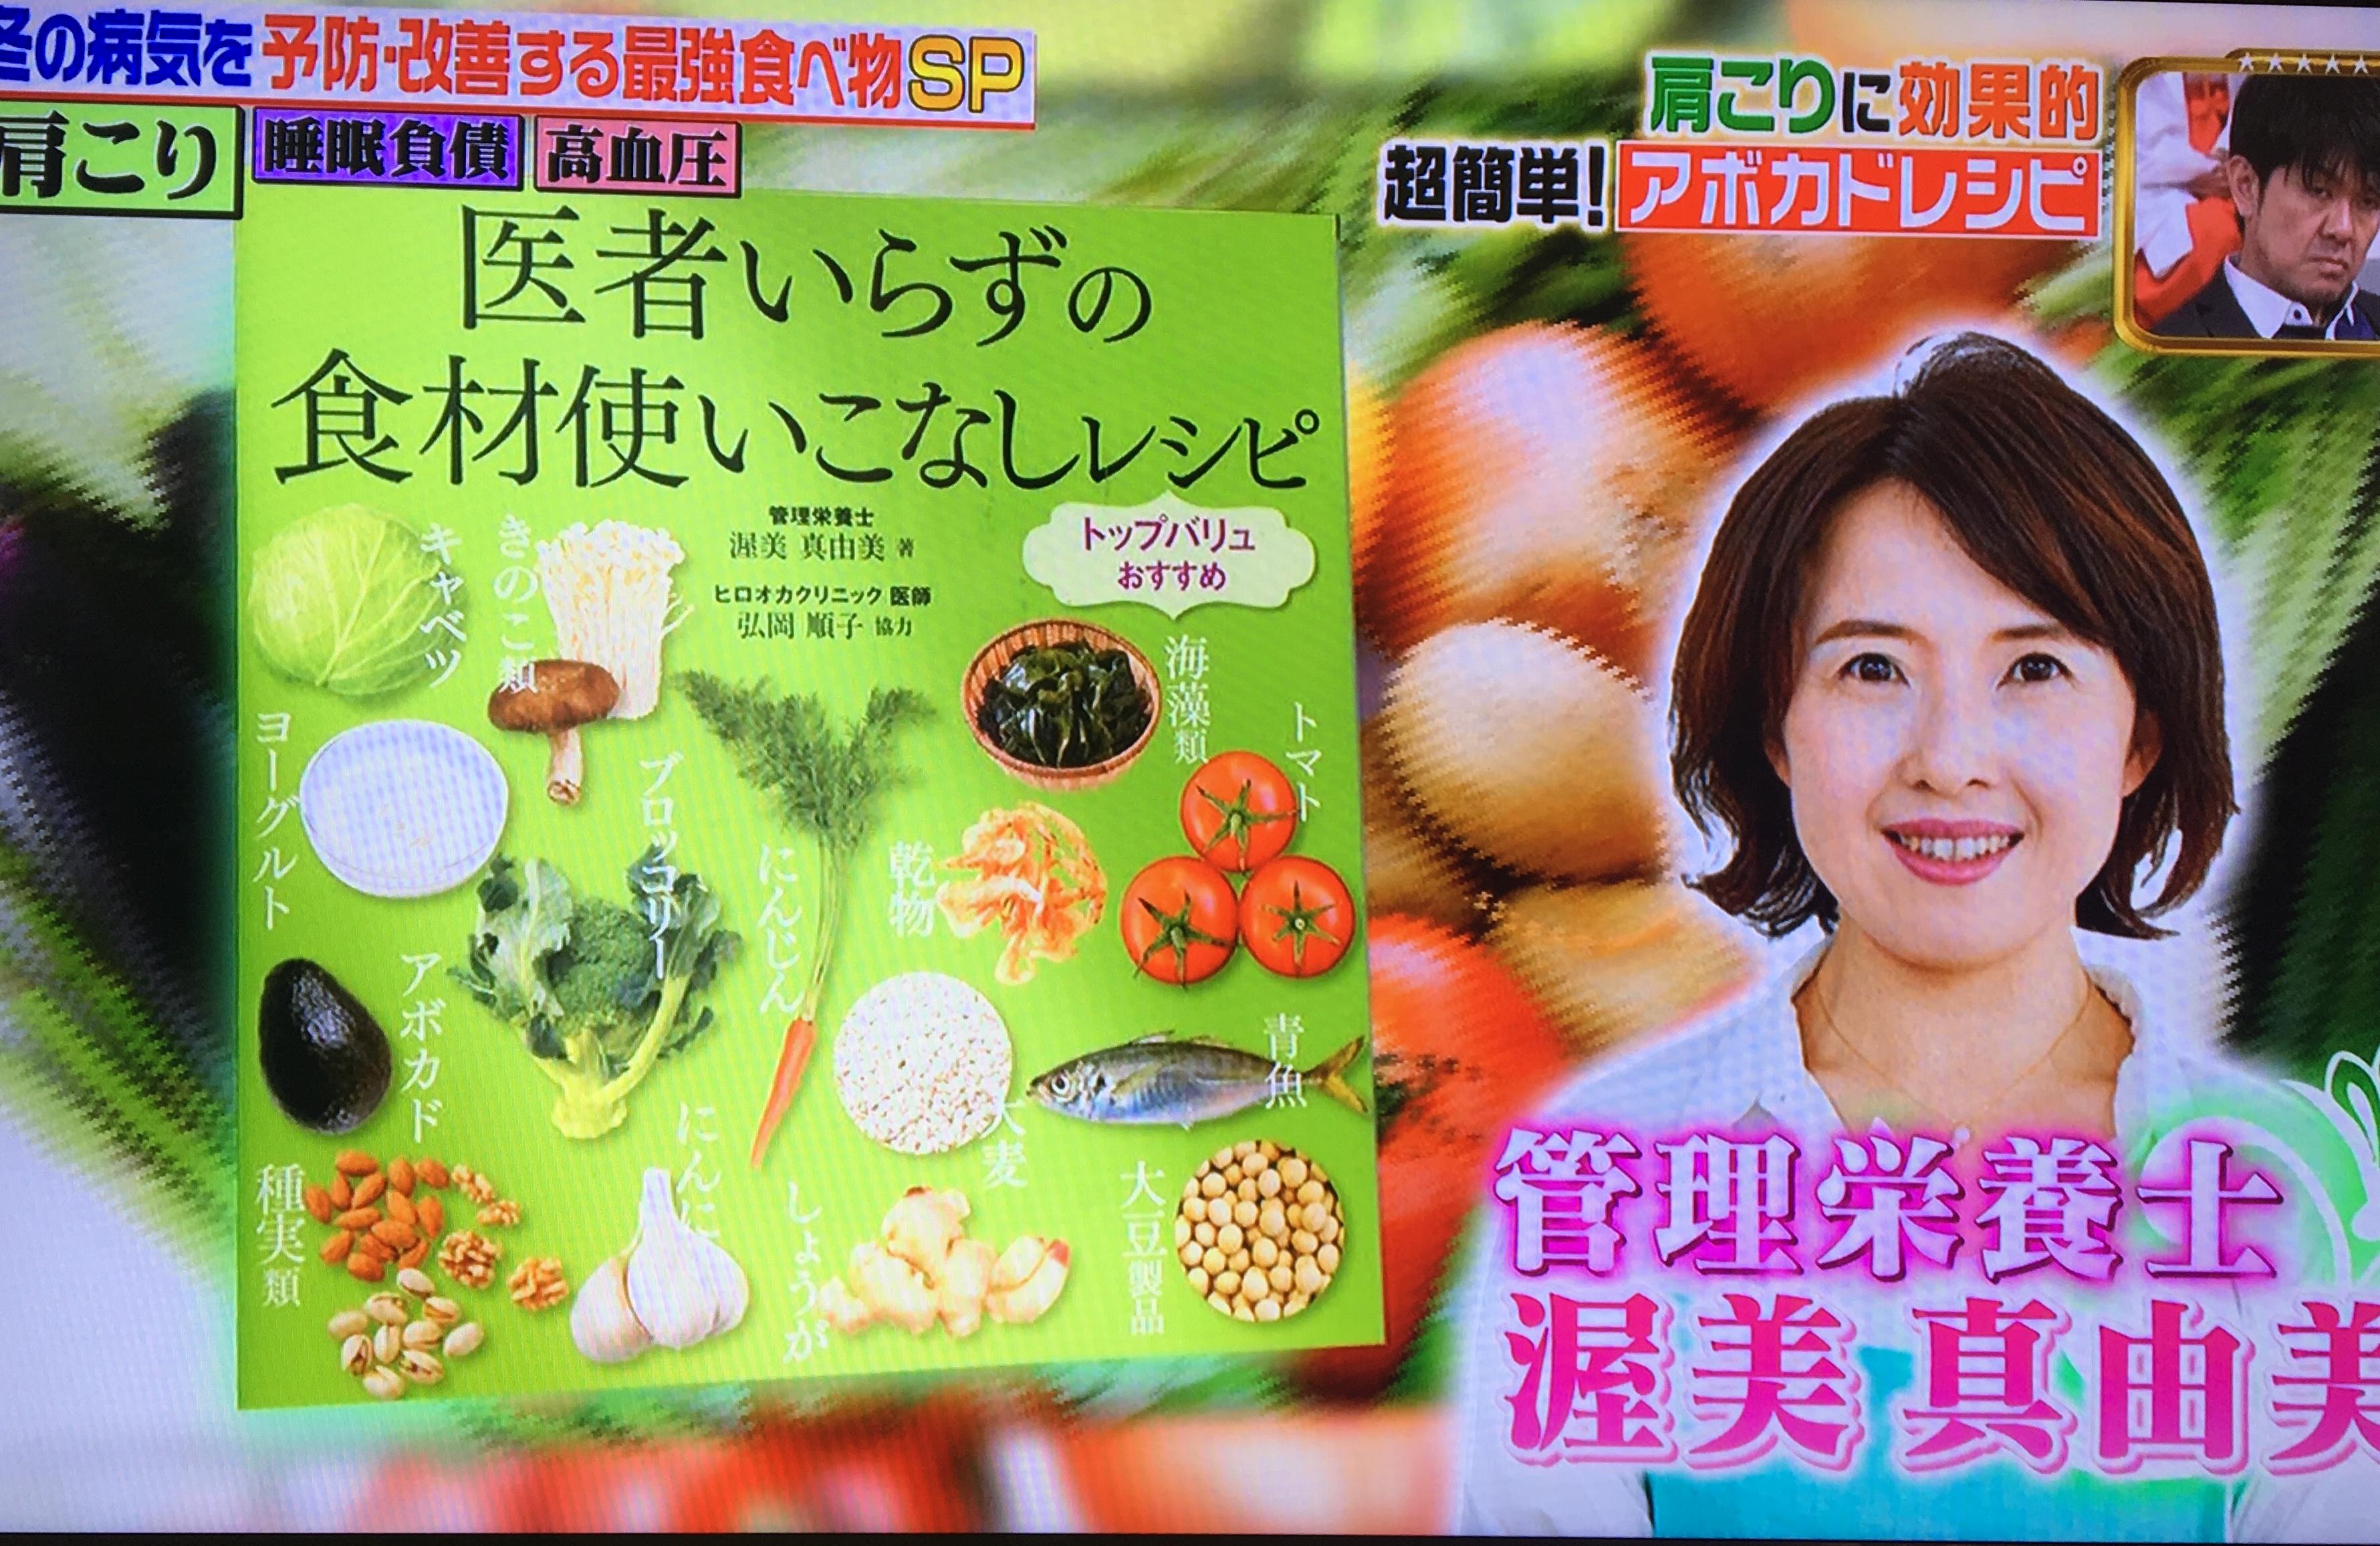 【テレビ出演】TBSジョブチューン「血流改善を助ける料理」